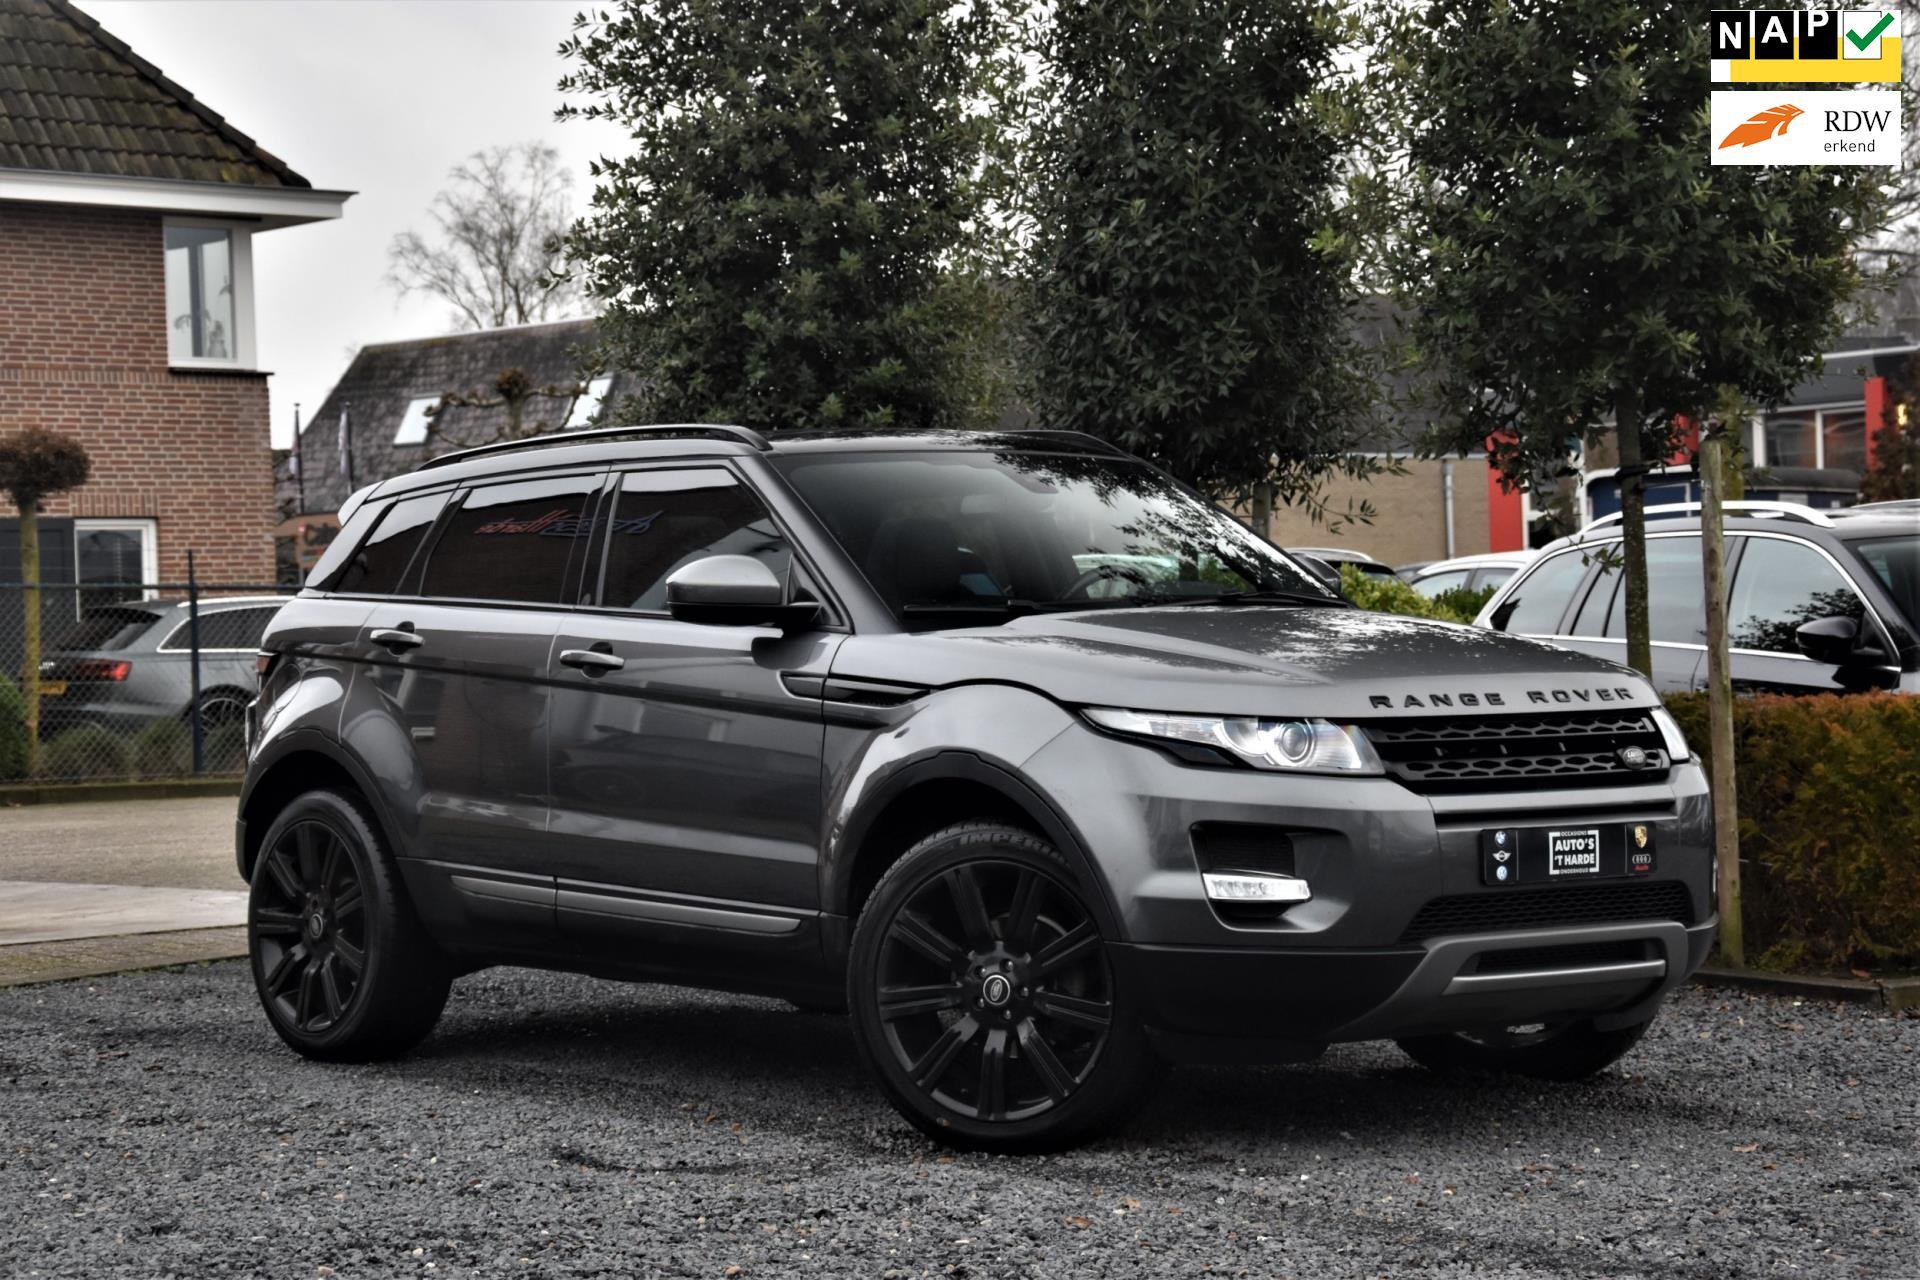 Land Rover Range Rover Evoque occasion - Auto`s `t Harde